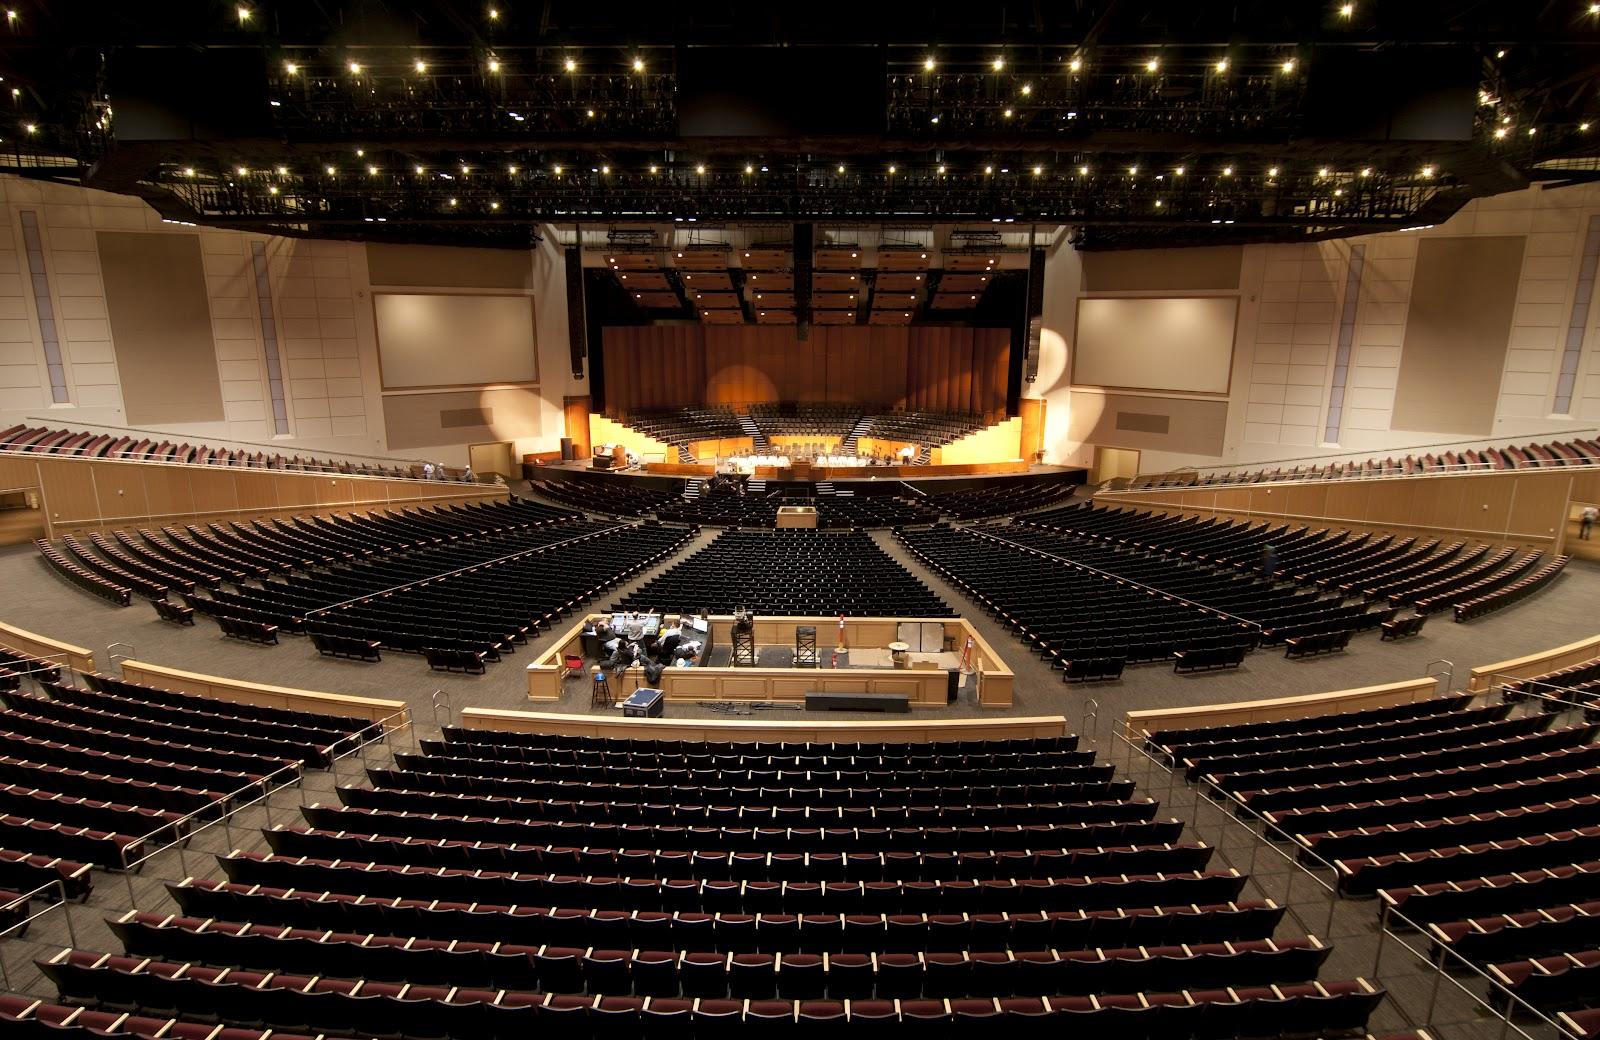 auditorium-wide